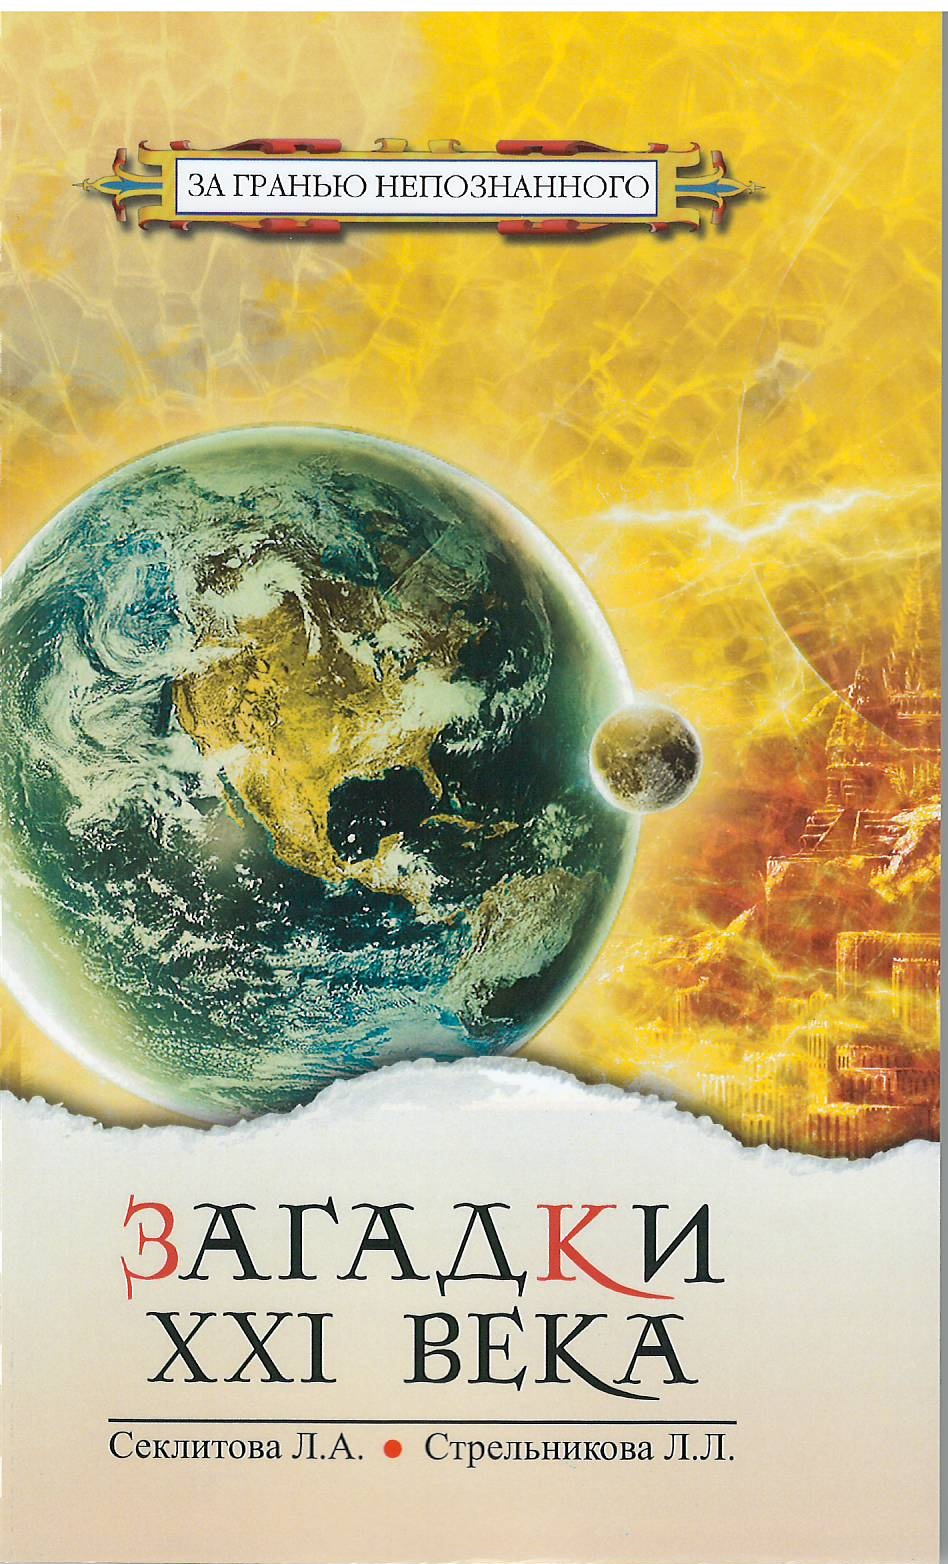 Загадки XXI века. 3-е изд.